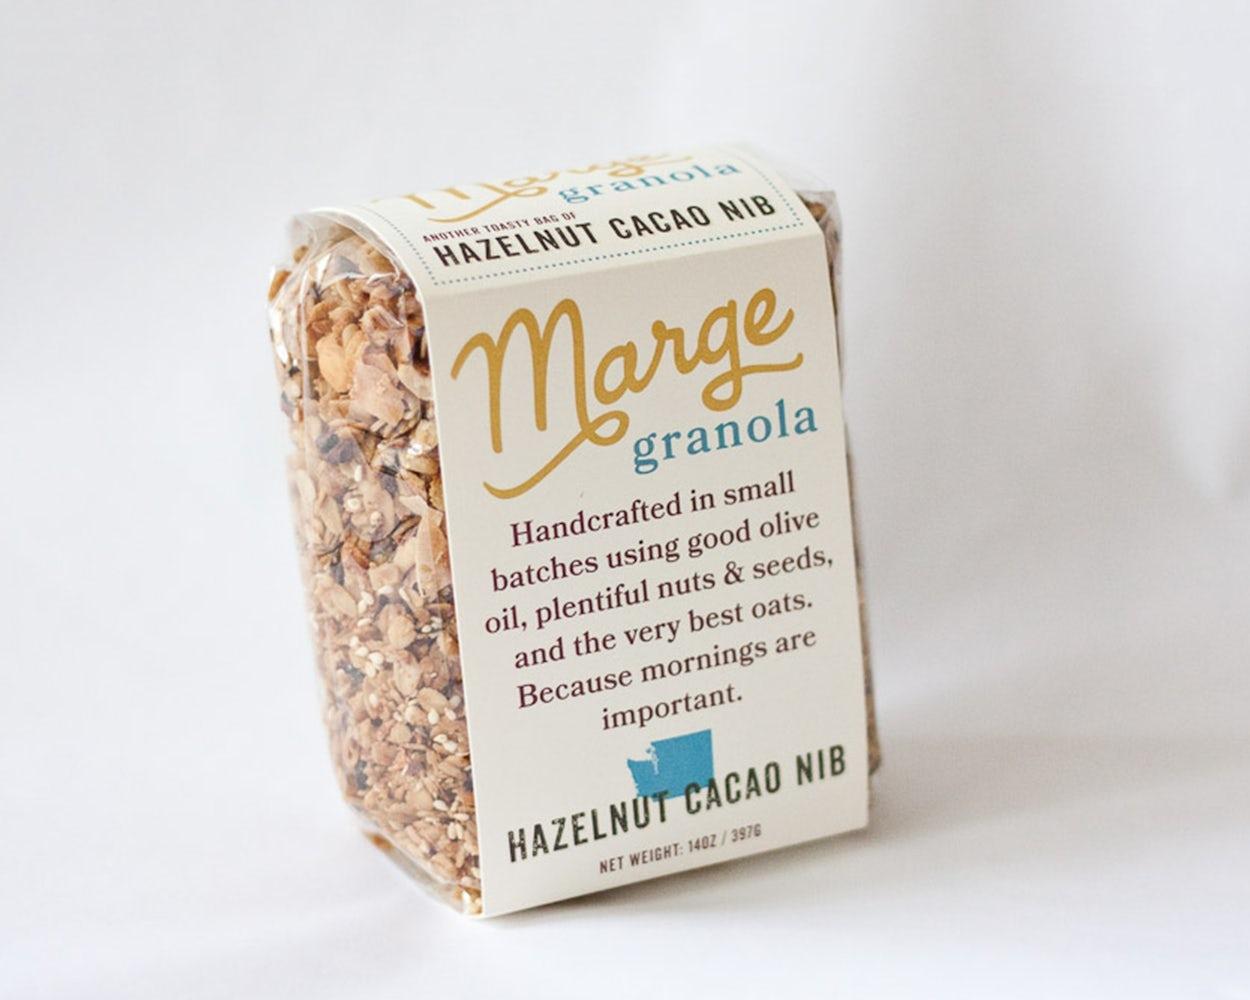 Marge Hazelnut Cacao Bag